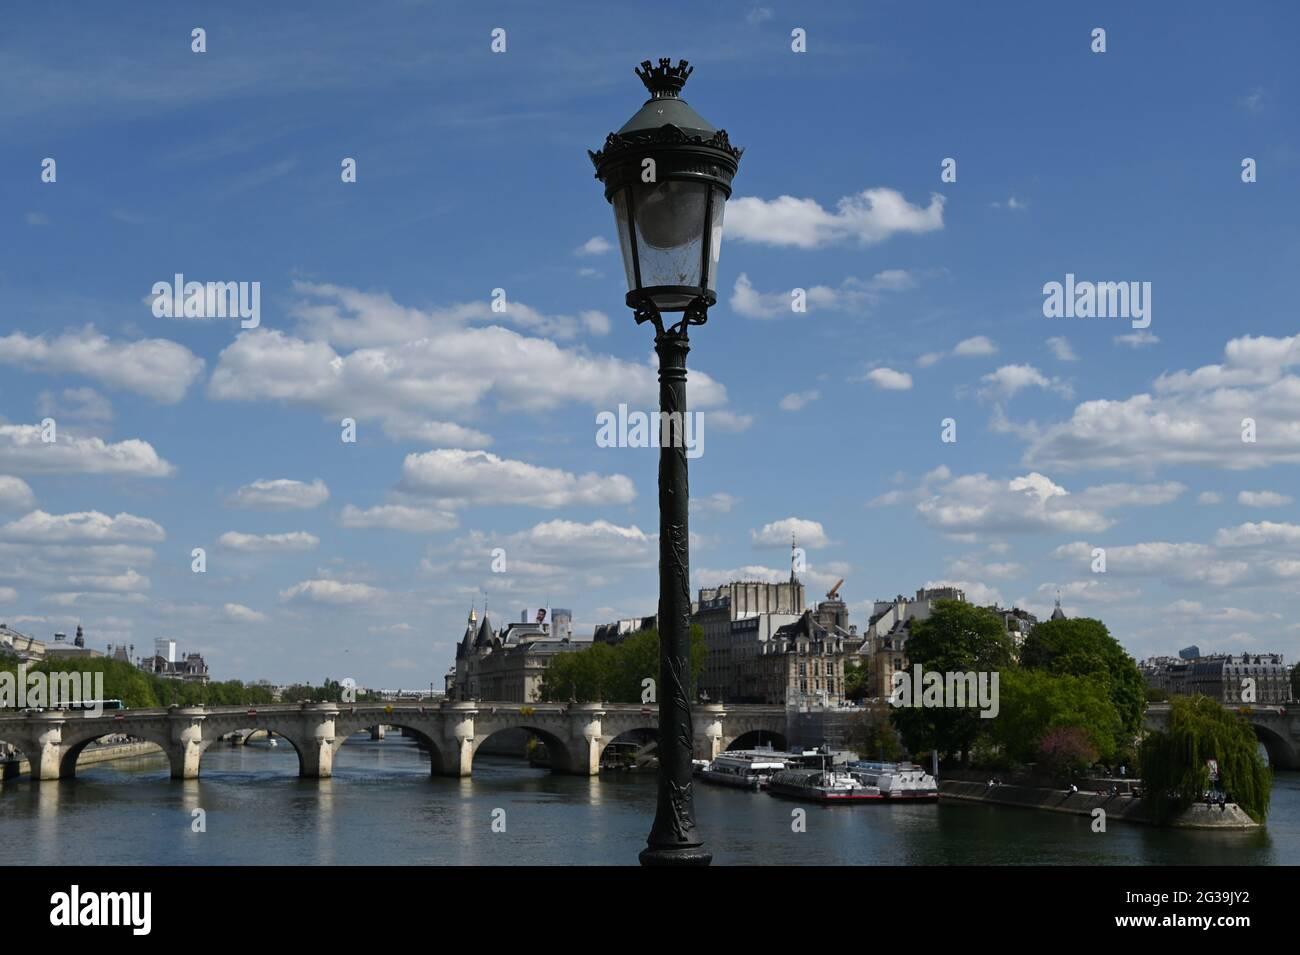 Lanterne de rue vintage sur un pont parisien. Paris, France Banque D'Images